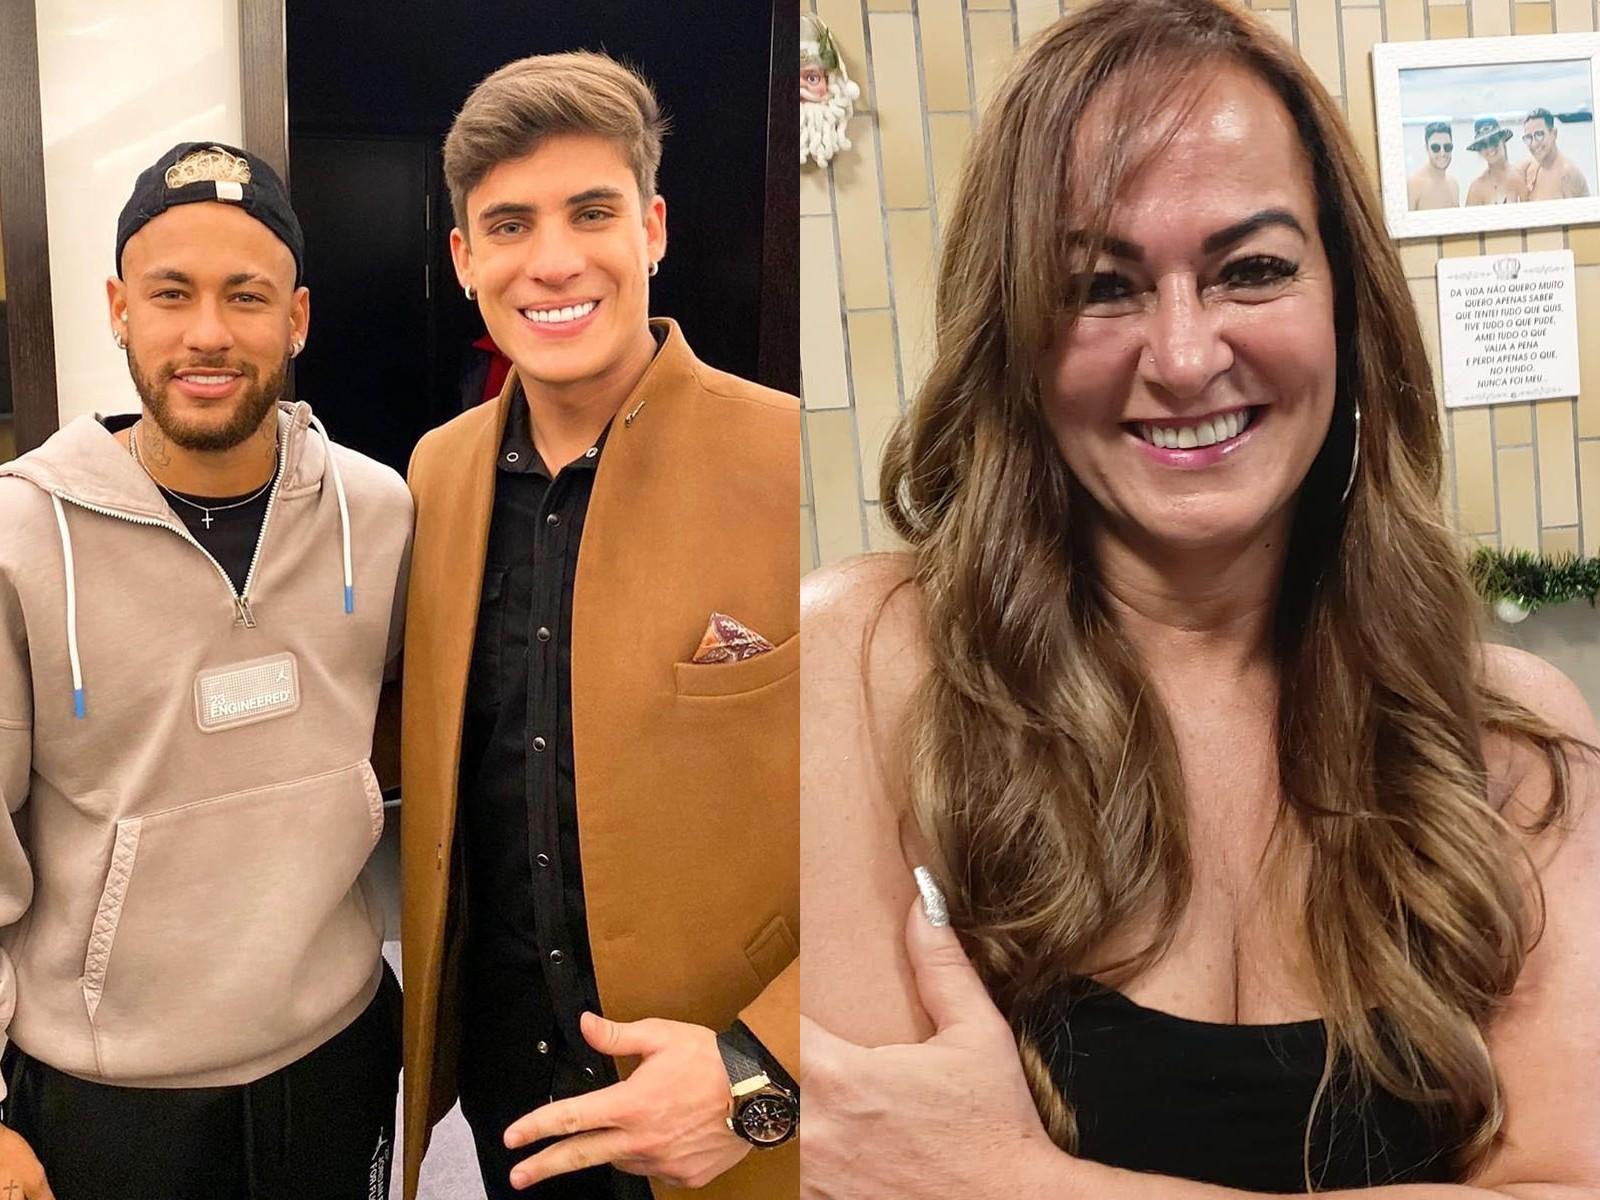 Неймар, Тьяго Рамос и Надин Гонсалес. Фото © Instagram / tiagoramoss, nadine.goncalves